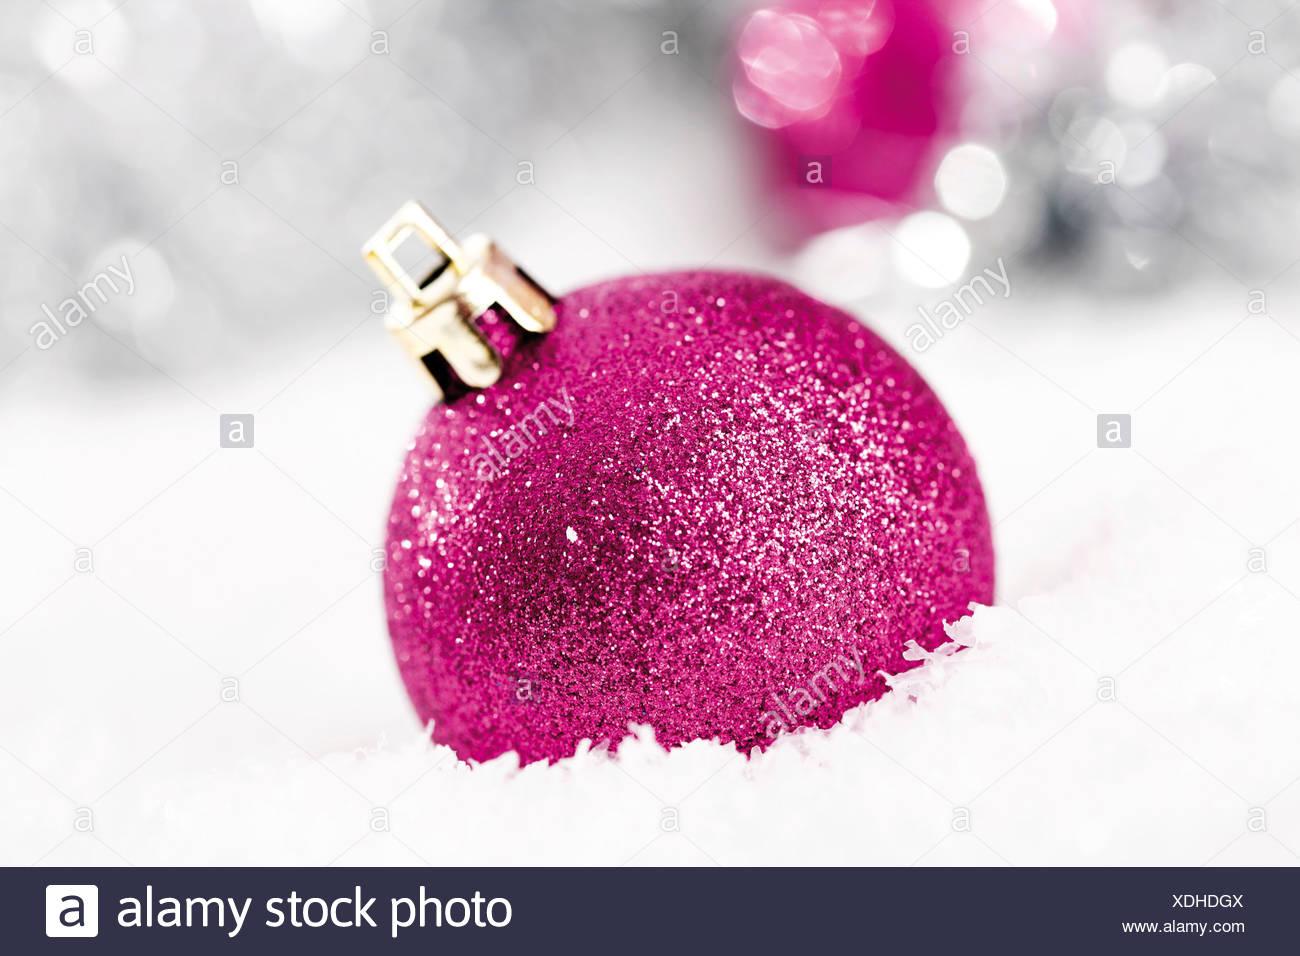 Glitzer Christbaumkugeln.Rosa Glitzer Christbaumkugeln Auf Schnee Mit Weihnachtsschmuck